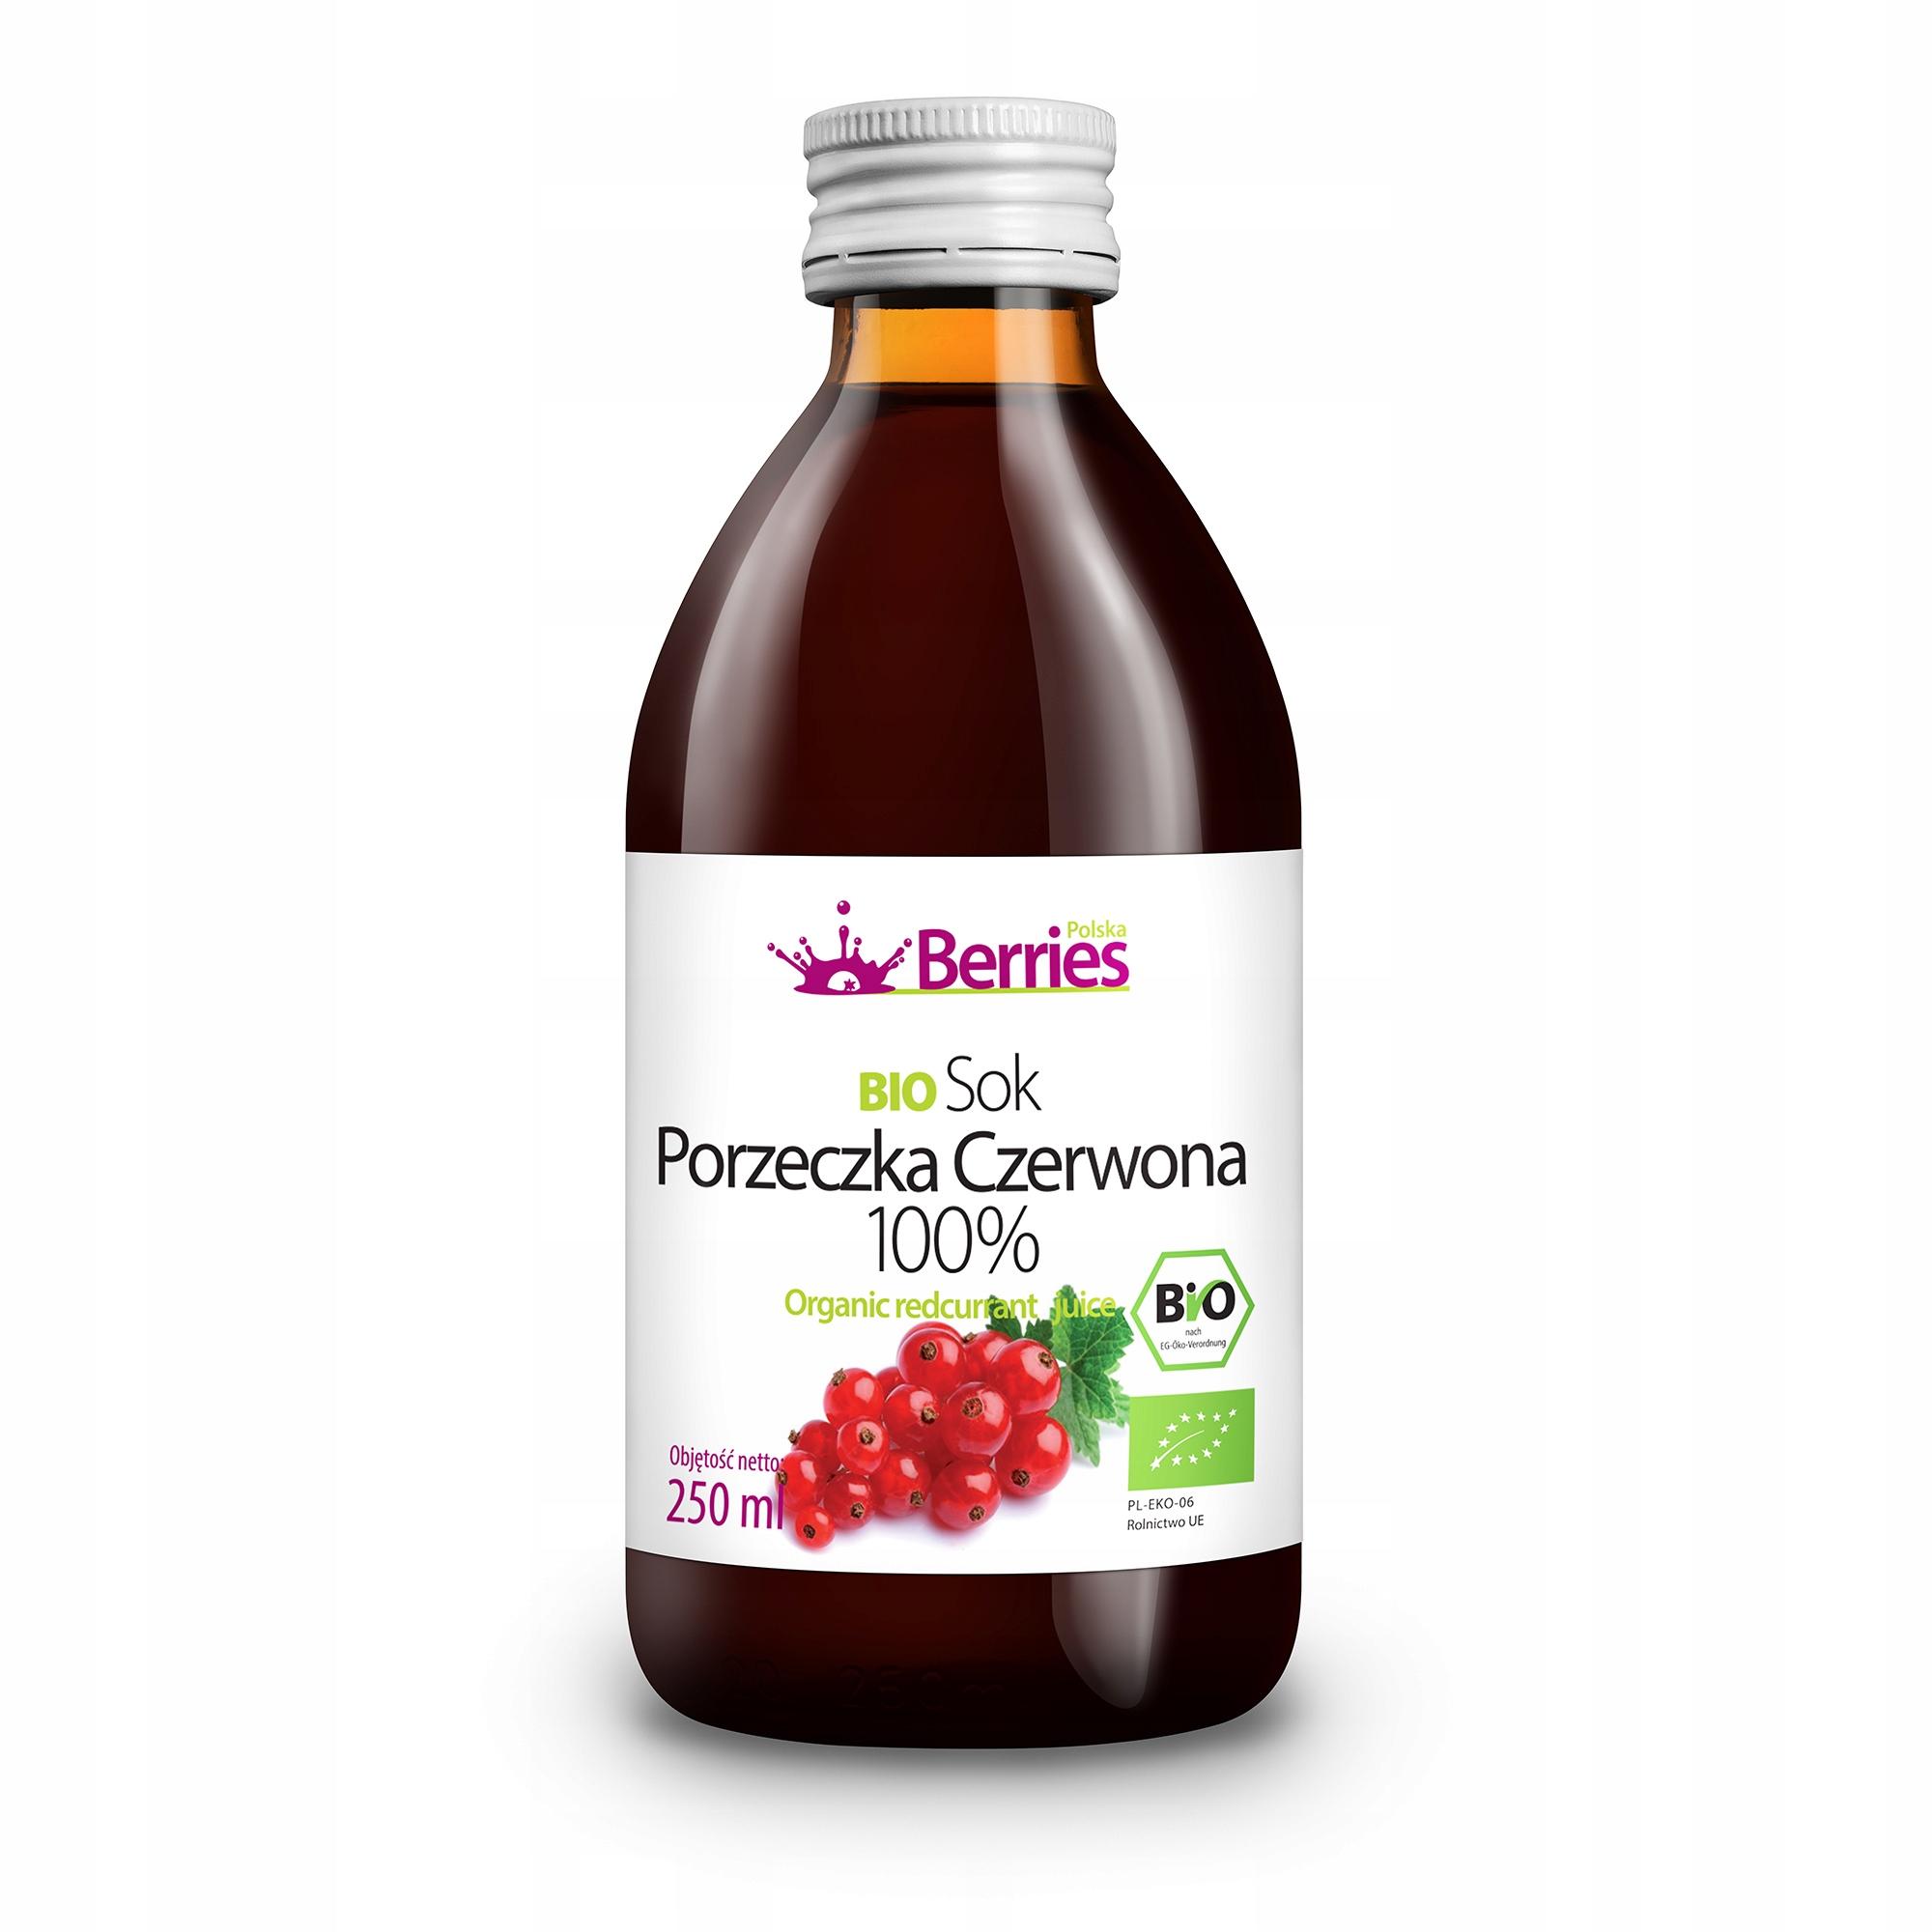 BIO Porzeczka Czerwona 100% sok ekologiczny 250 ml